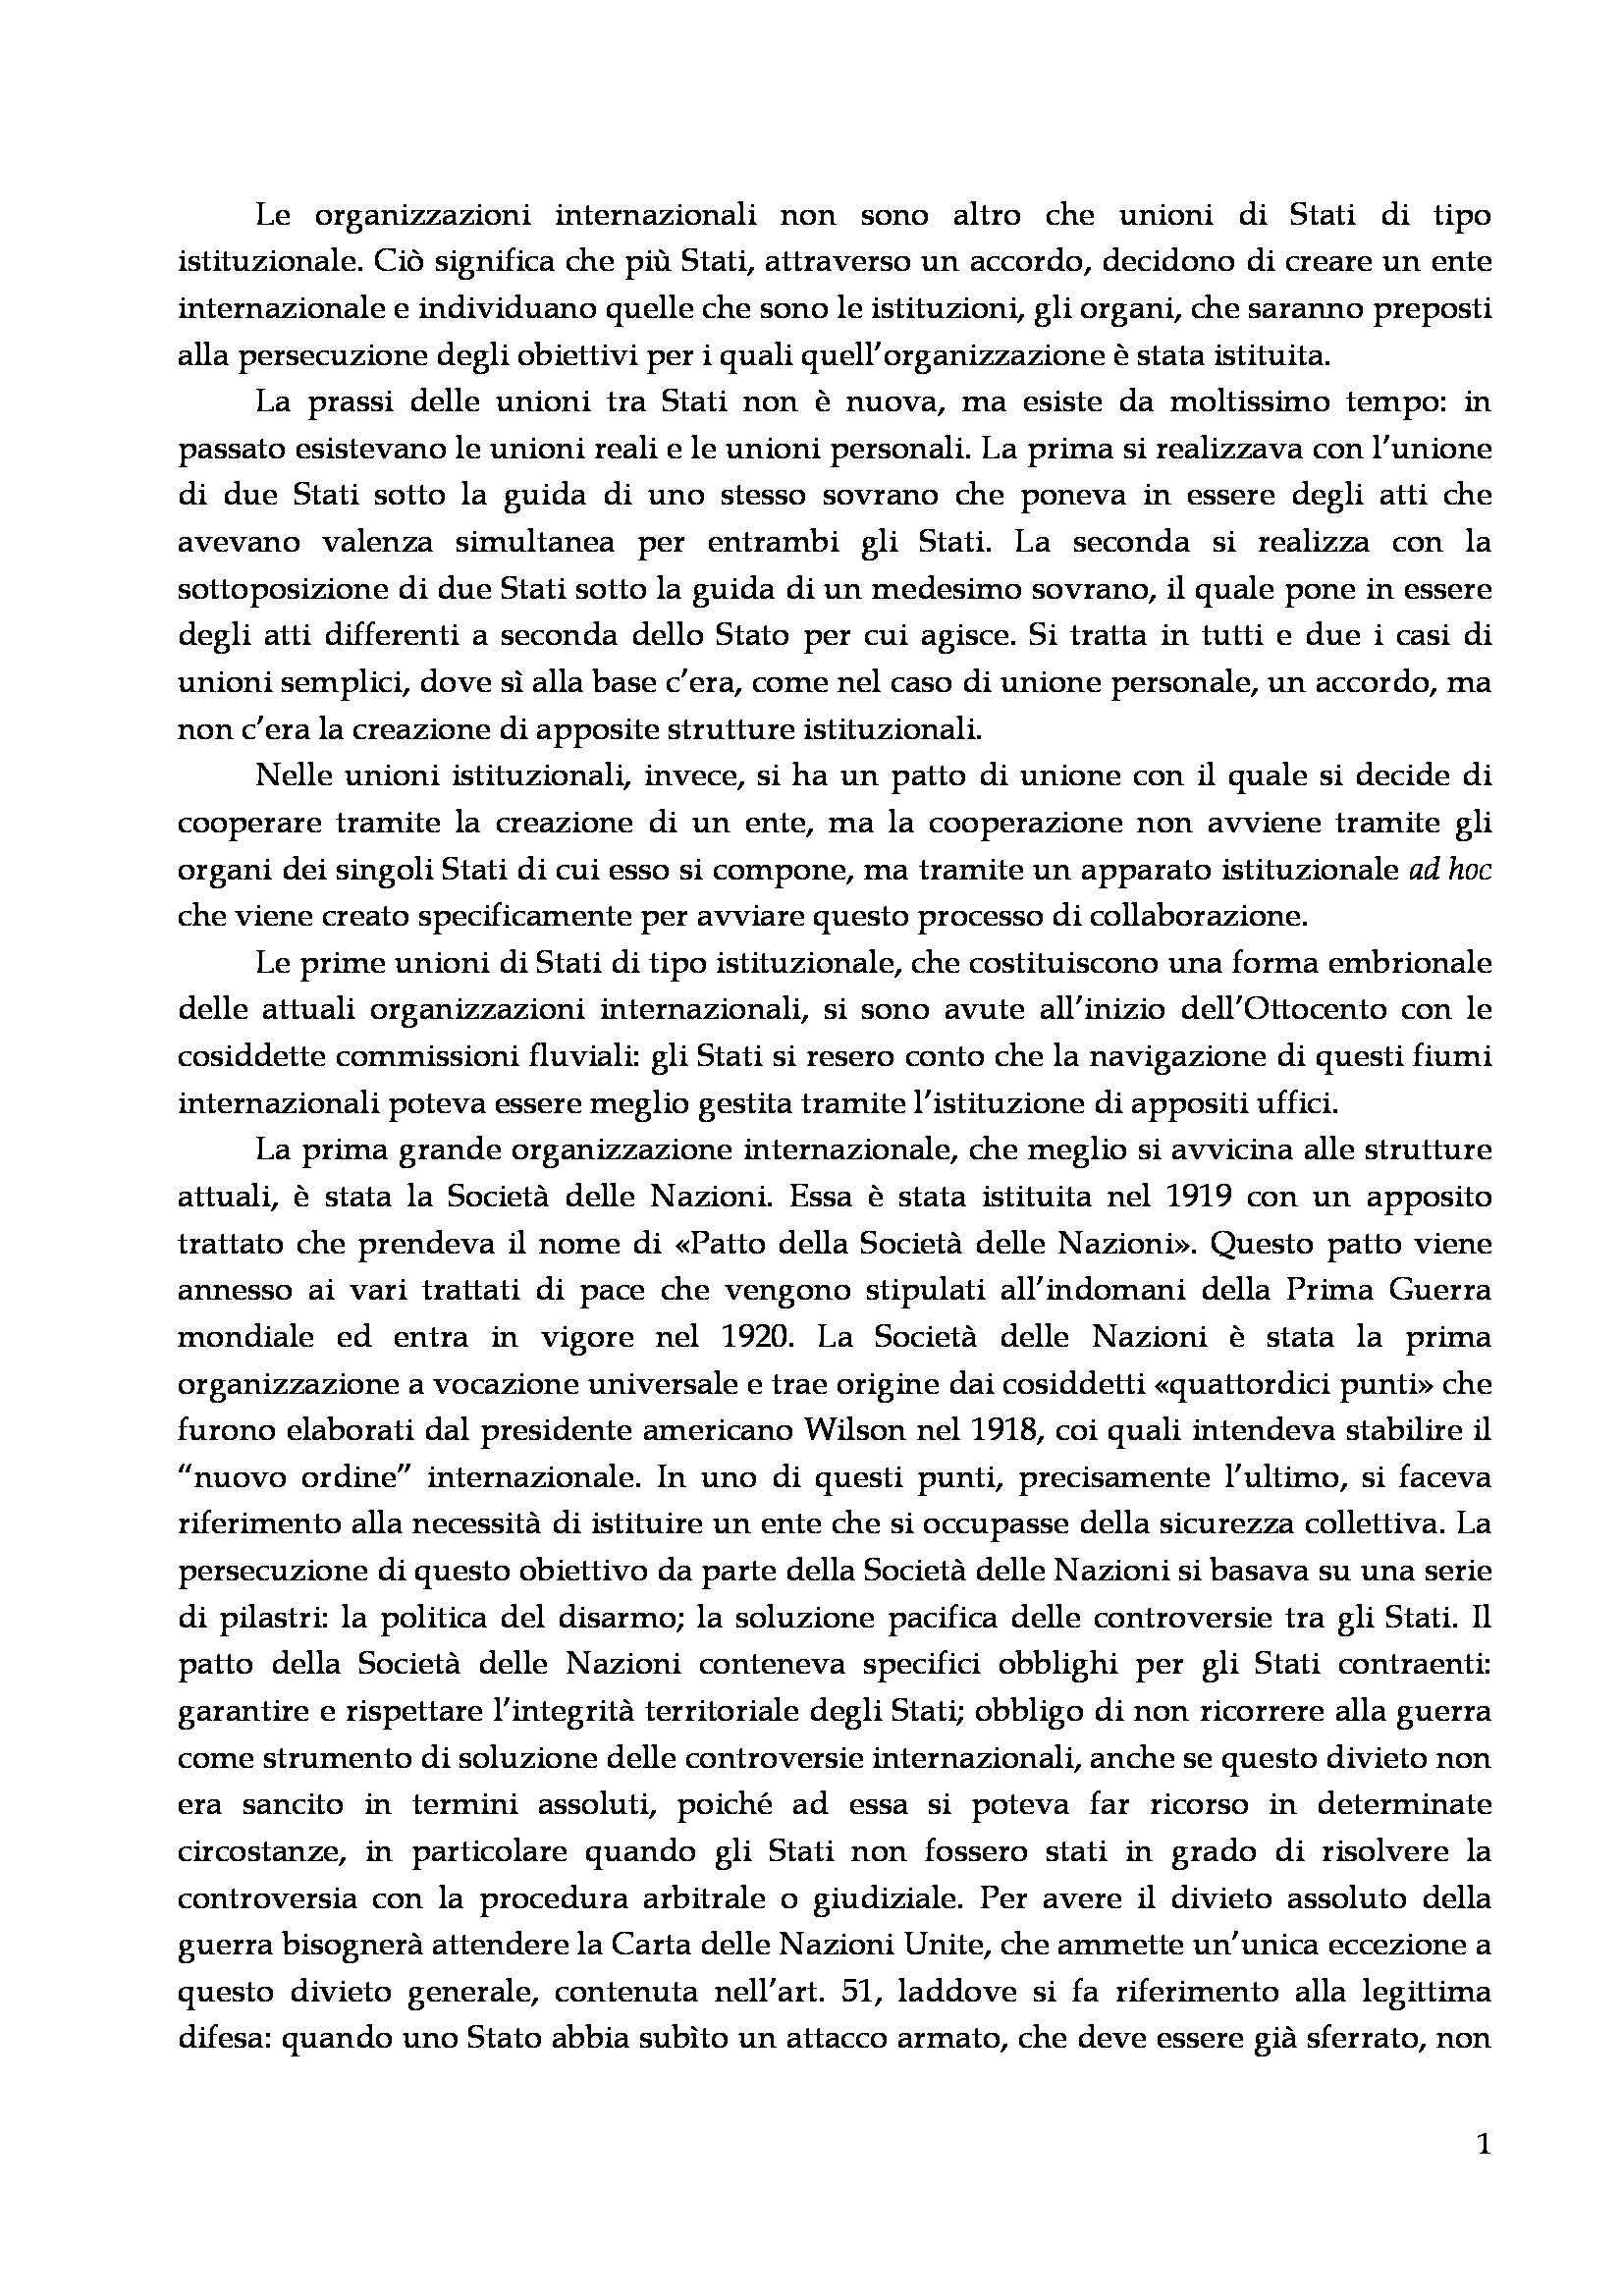 Diritto delle organizzazioni internazionali - Appunti